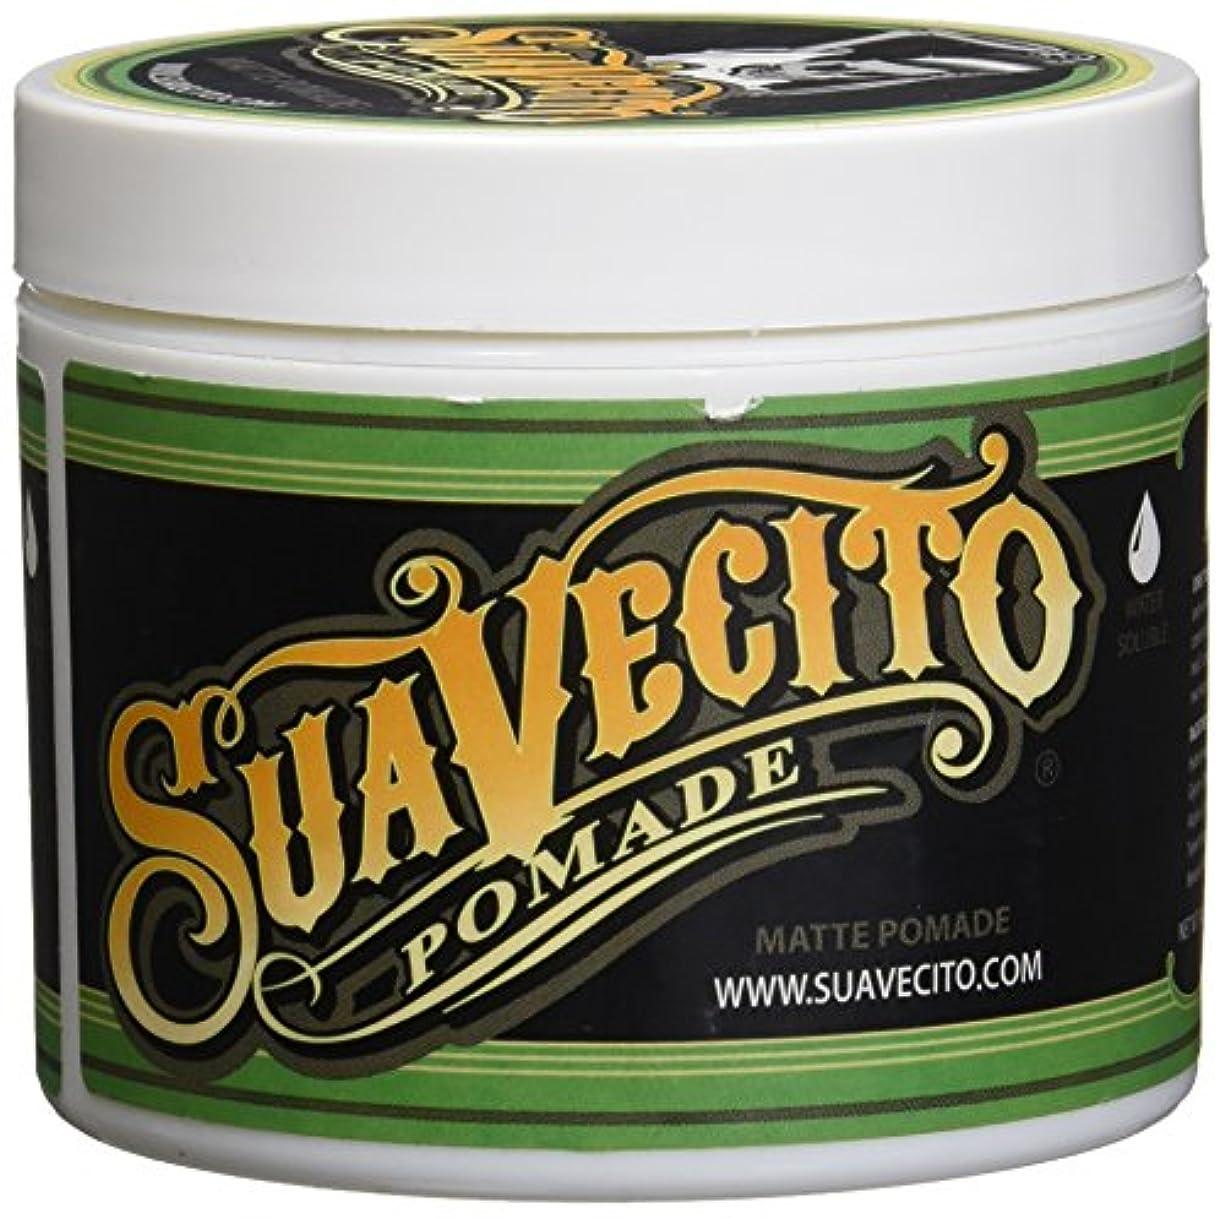 植木基本的な処理Suavecito Matte Pomade